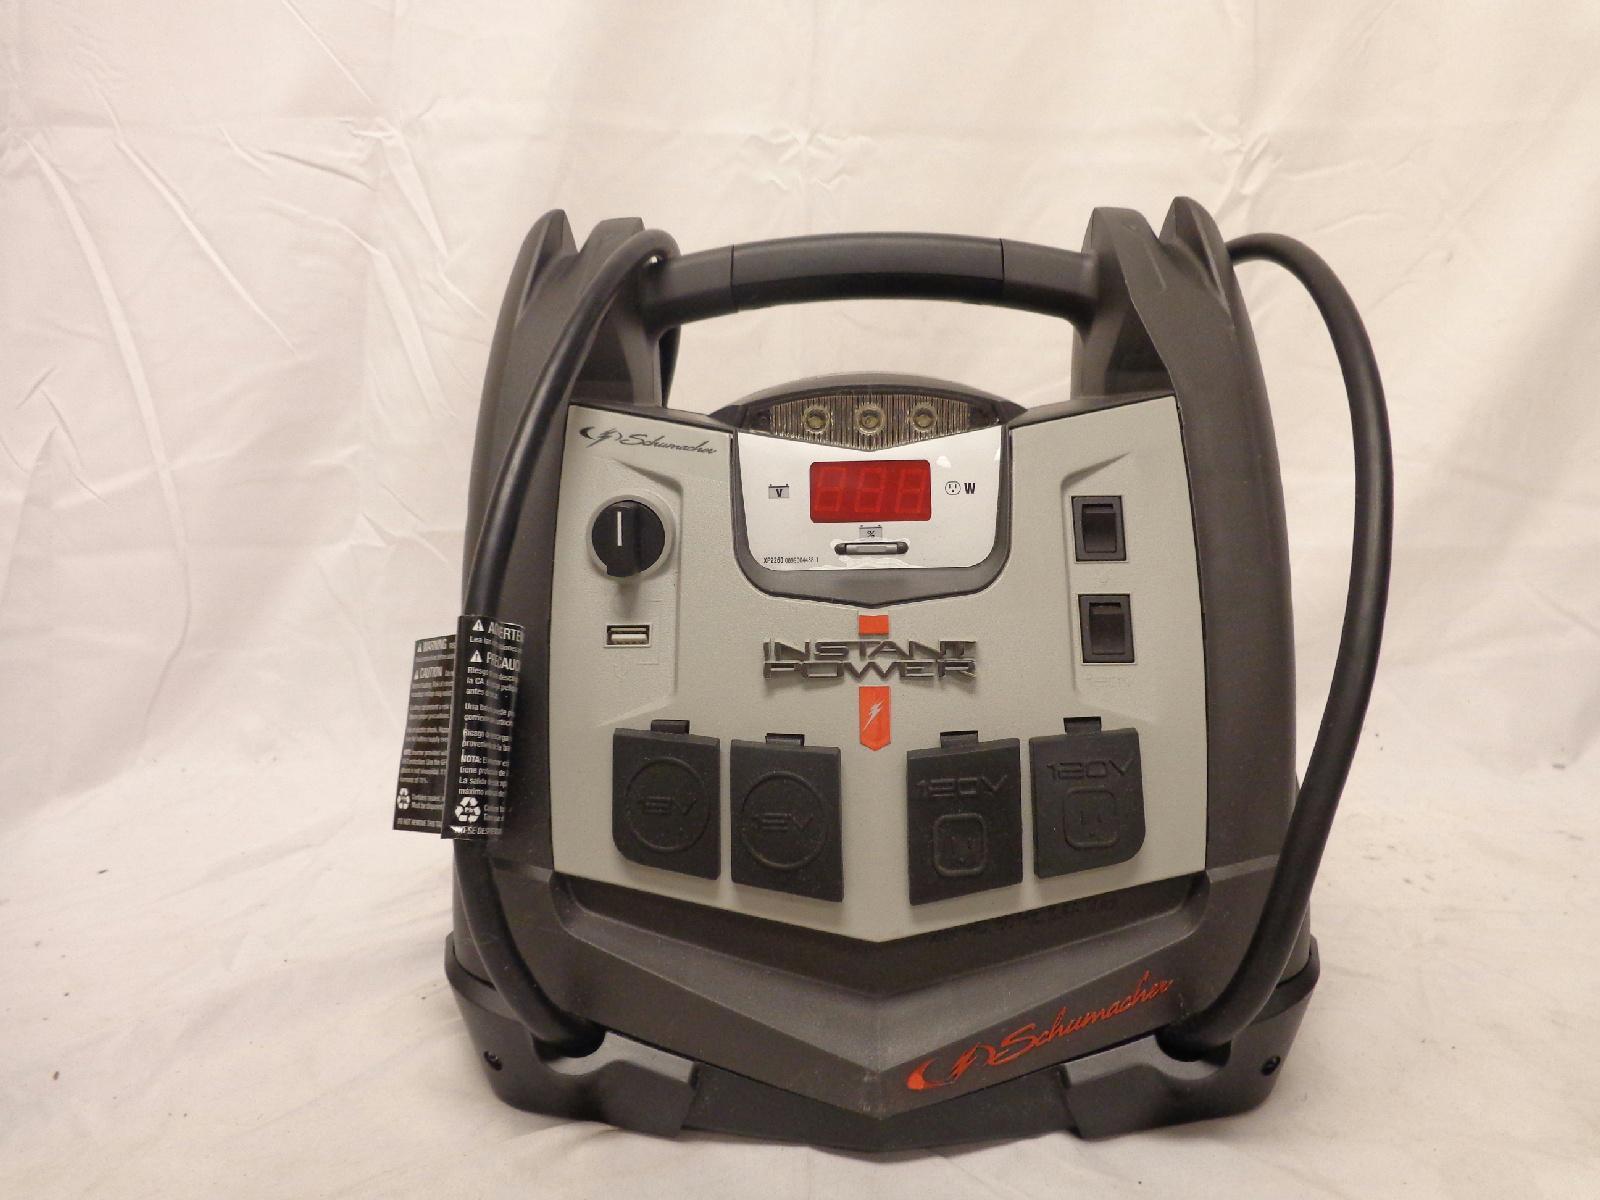 xp2260 manual